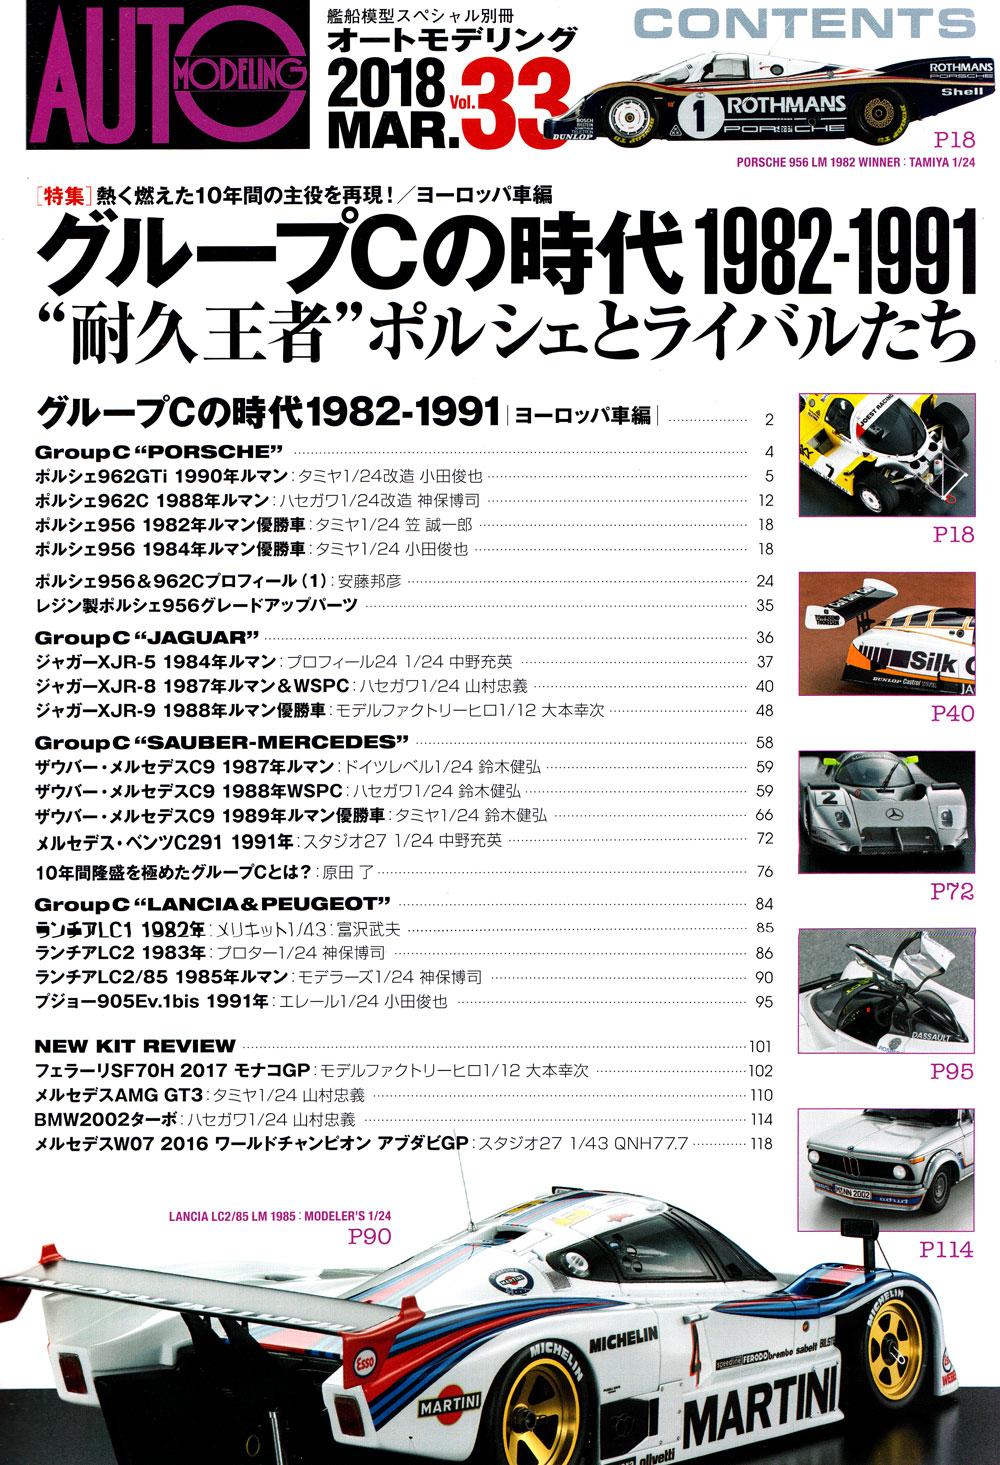 オートモデリング Vol.33 グループCの時代 1982-1991 耐久王者ポルシェとライバルたち本(モデルアートAUTO MODELINGNo.Vol.033)商品画像_1